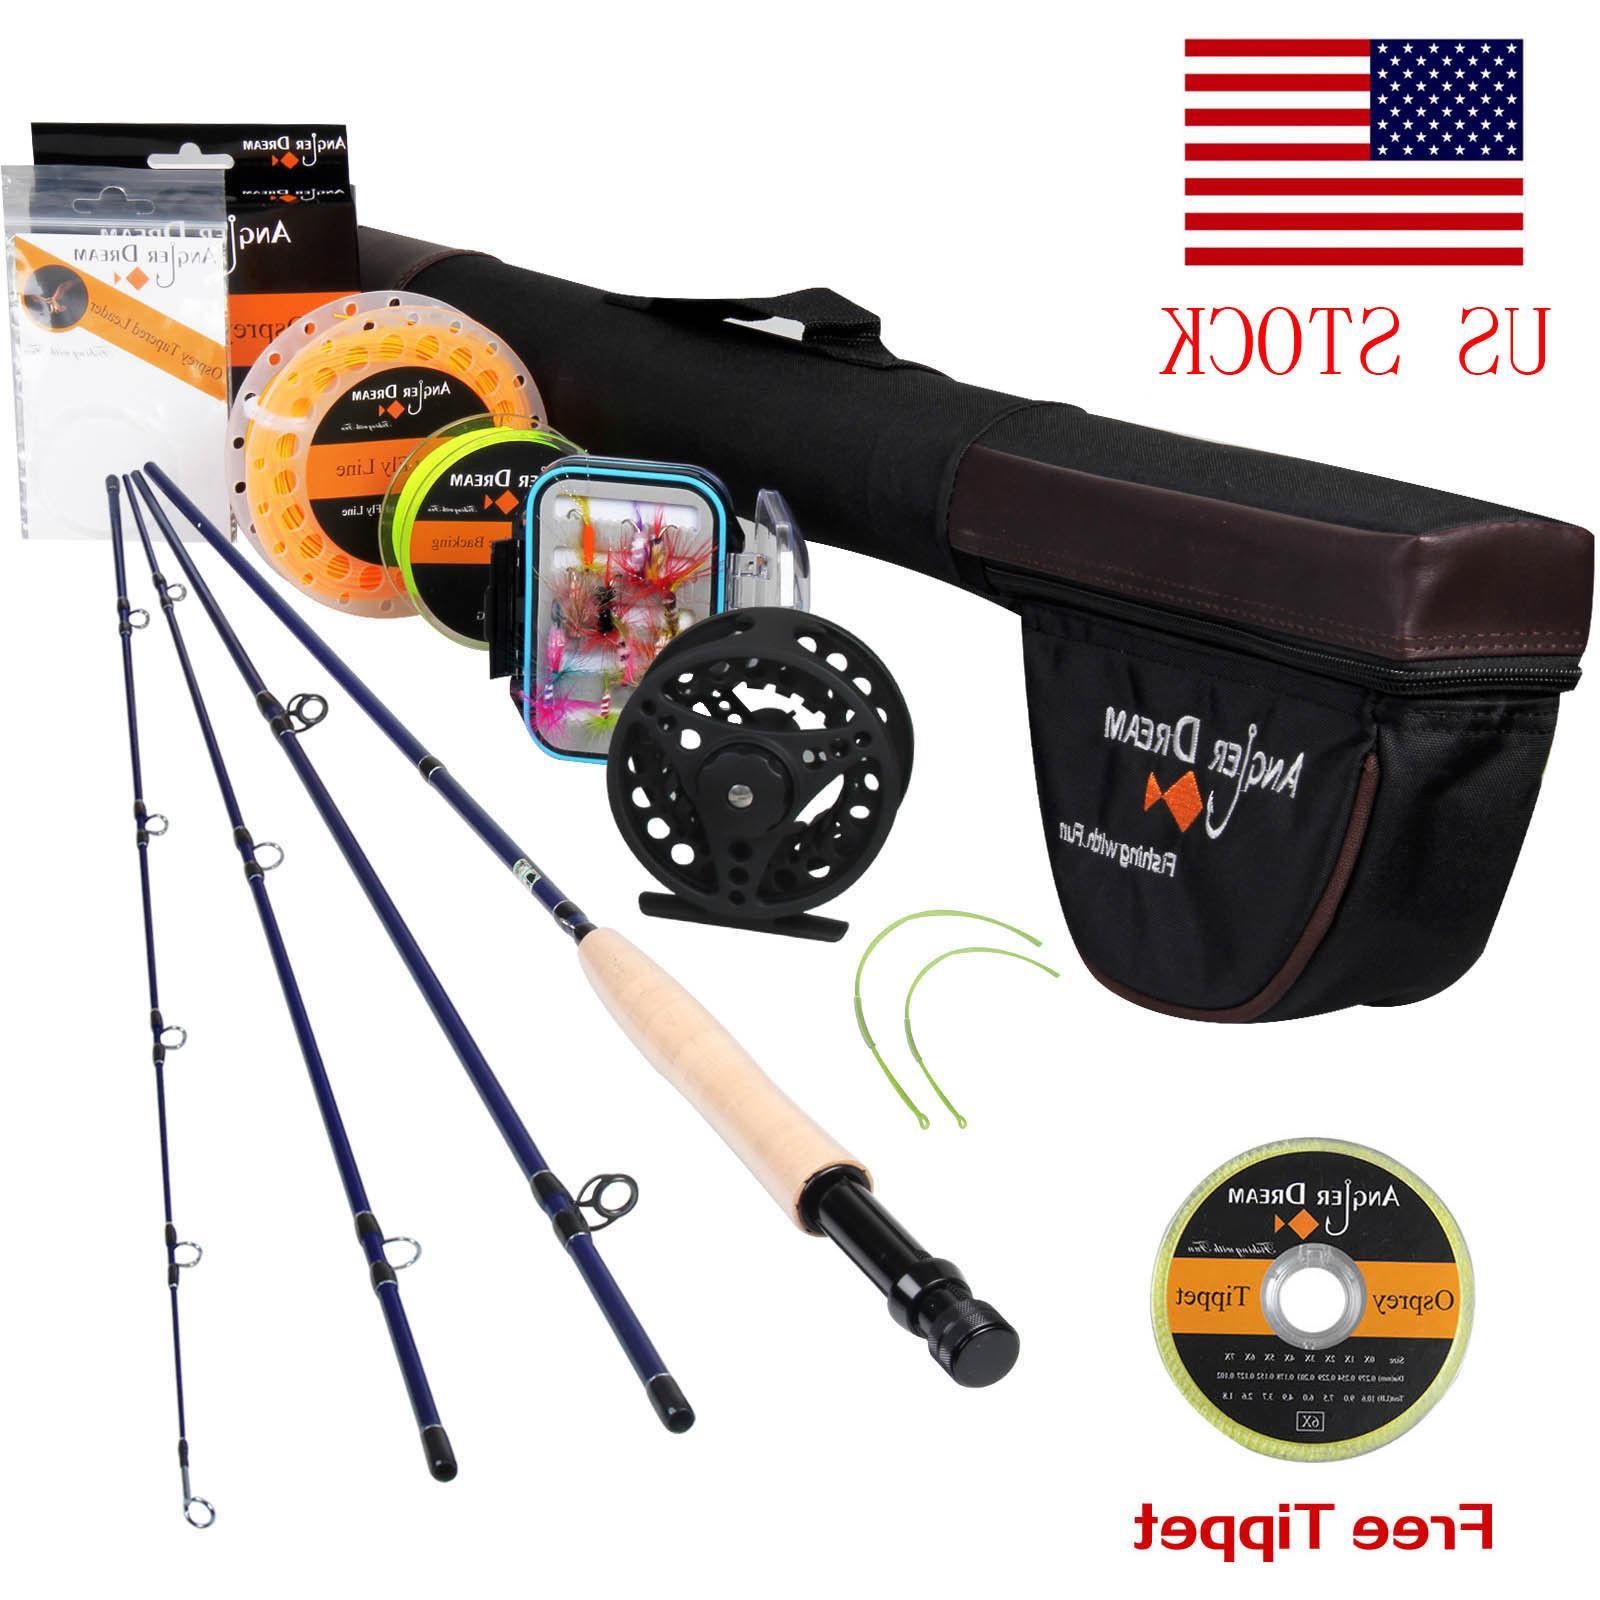 fly fishing rod combo 9ft 5wt fly